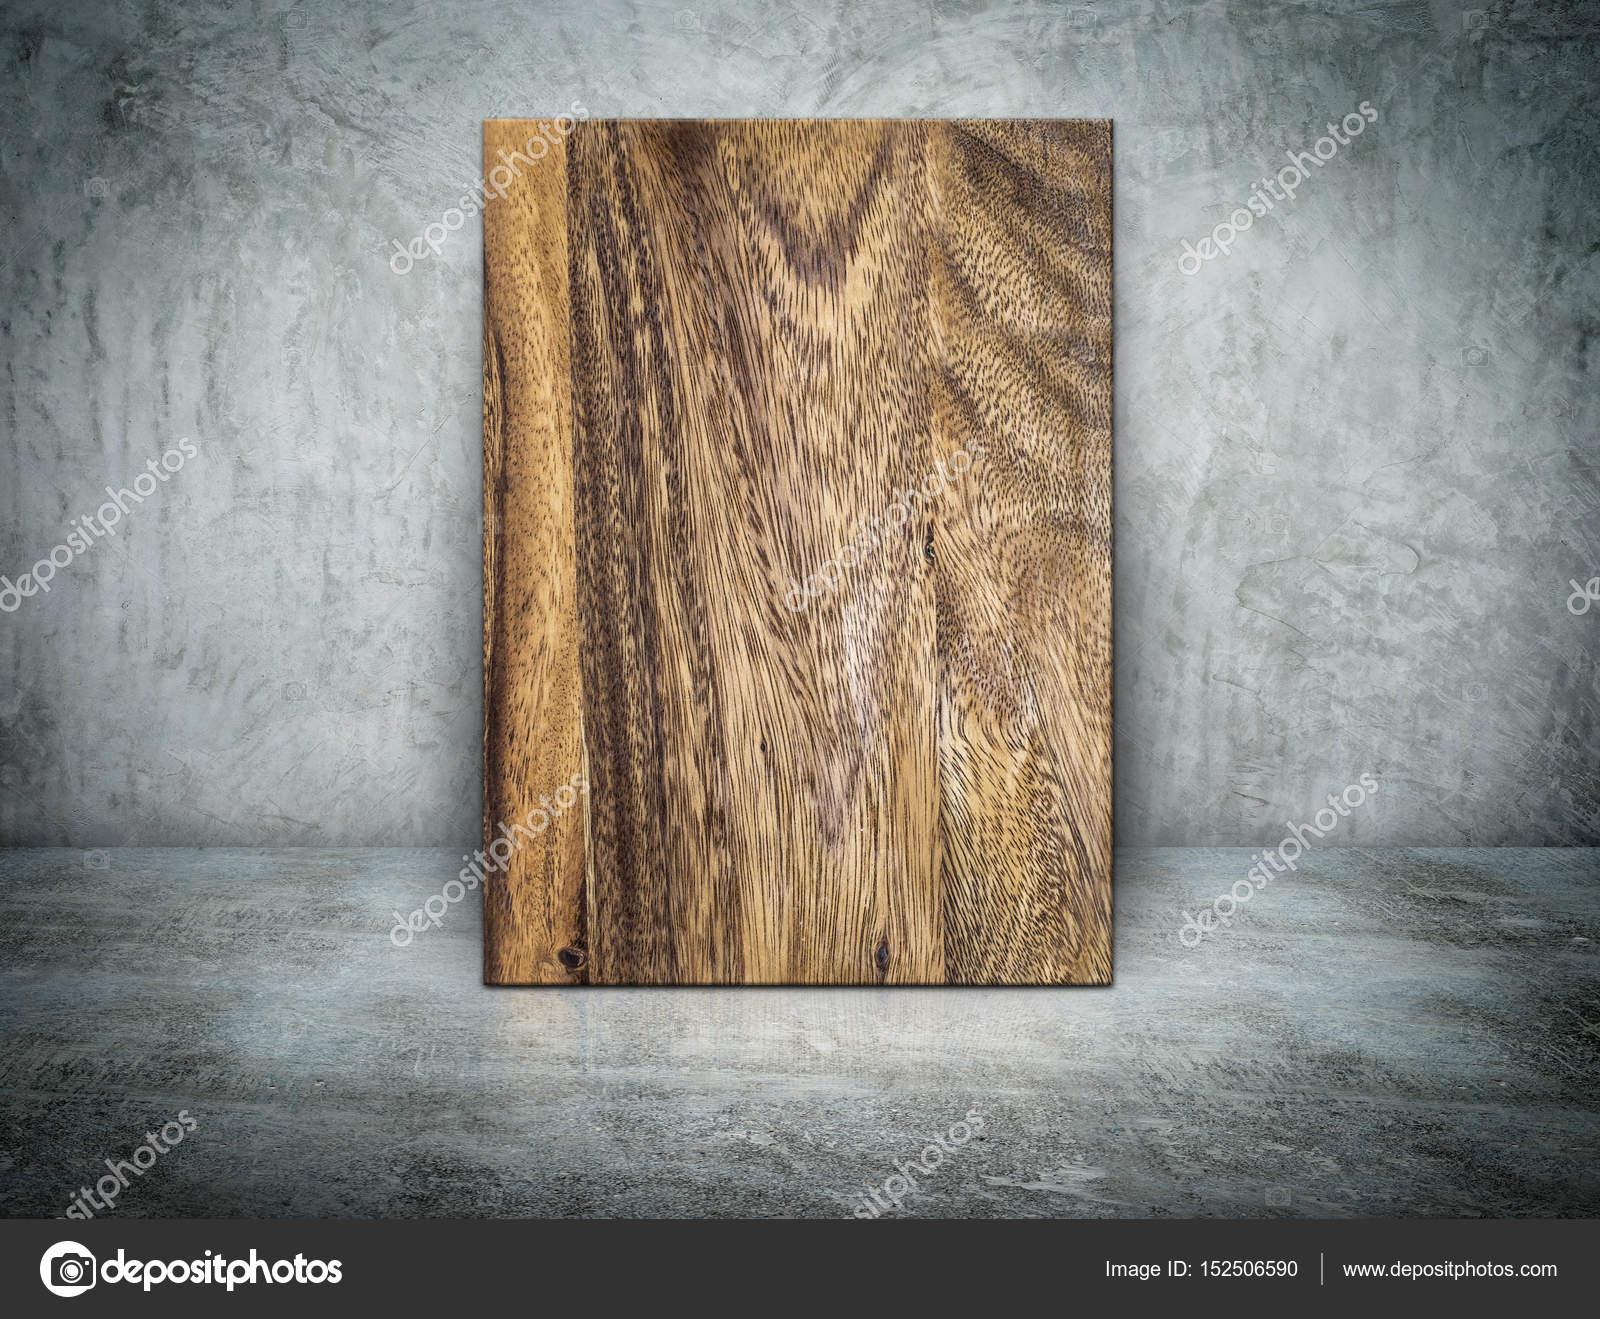 Leere Holz Blockzarge An Grunge Graue Betonwand Gelehnt Und